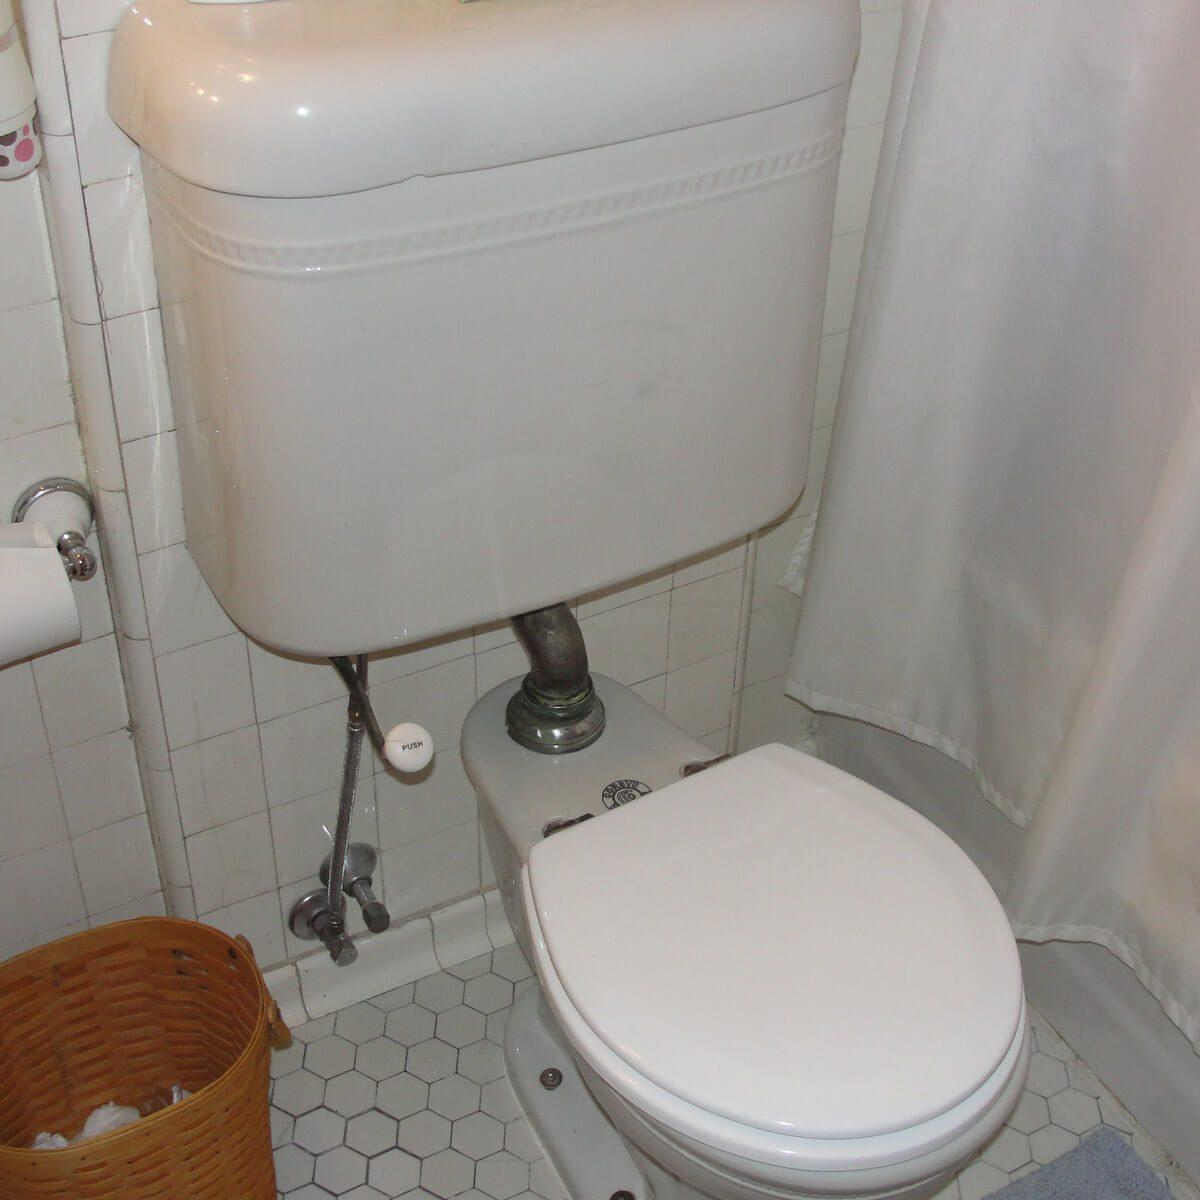 Stick shift toilet